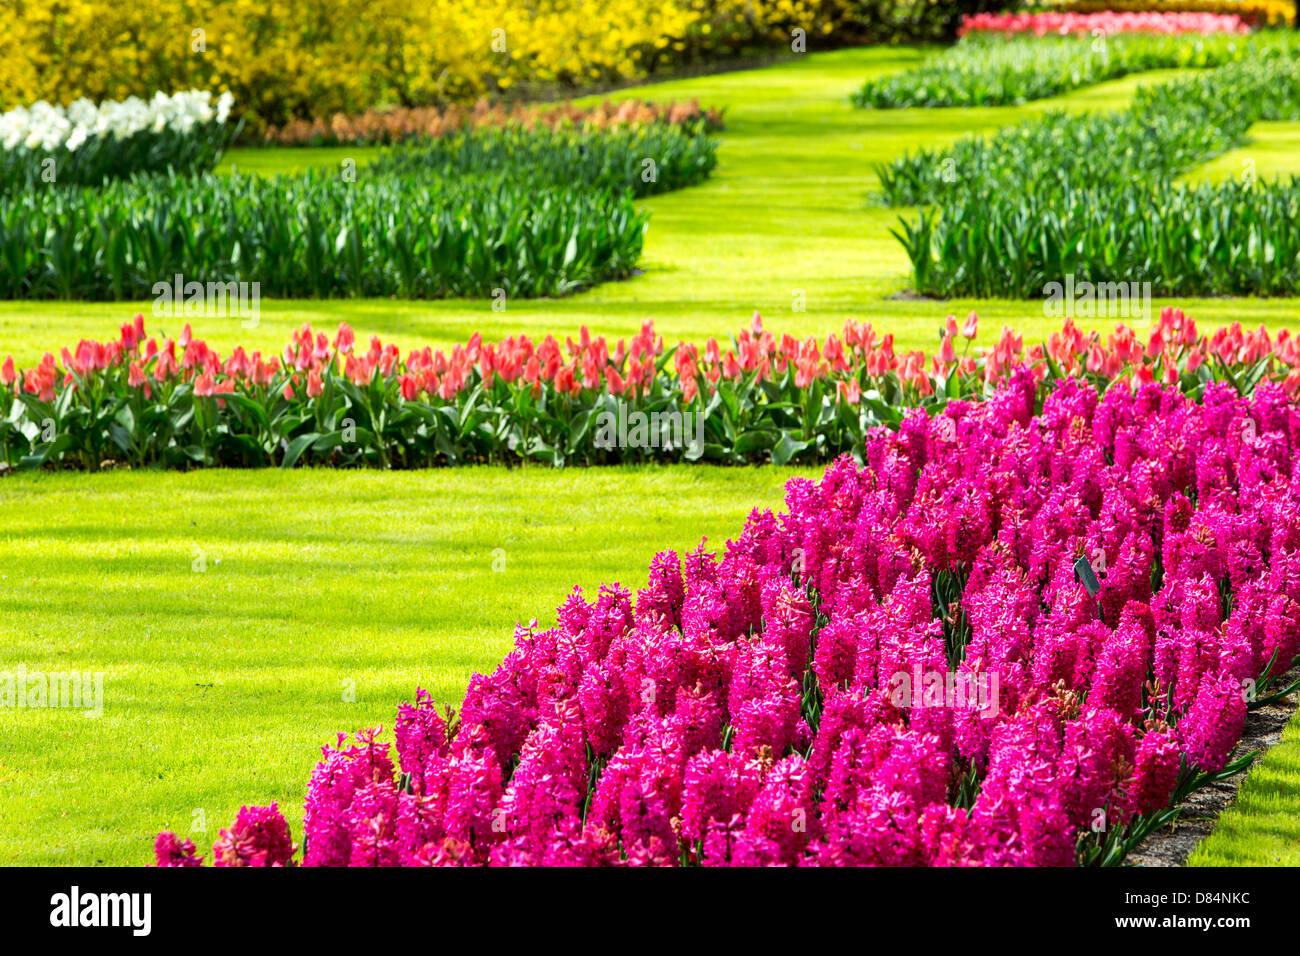 The World Famous Keukenhof Gardens Near Lisse Holland